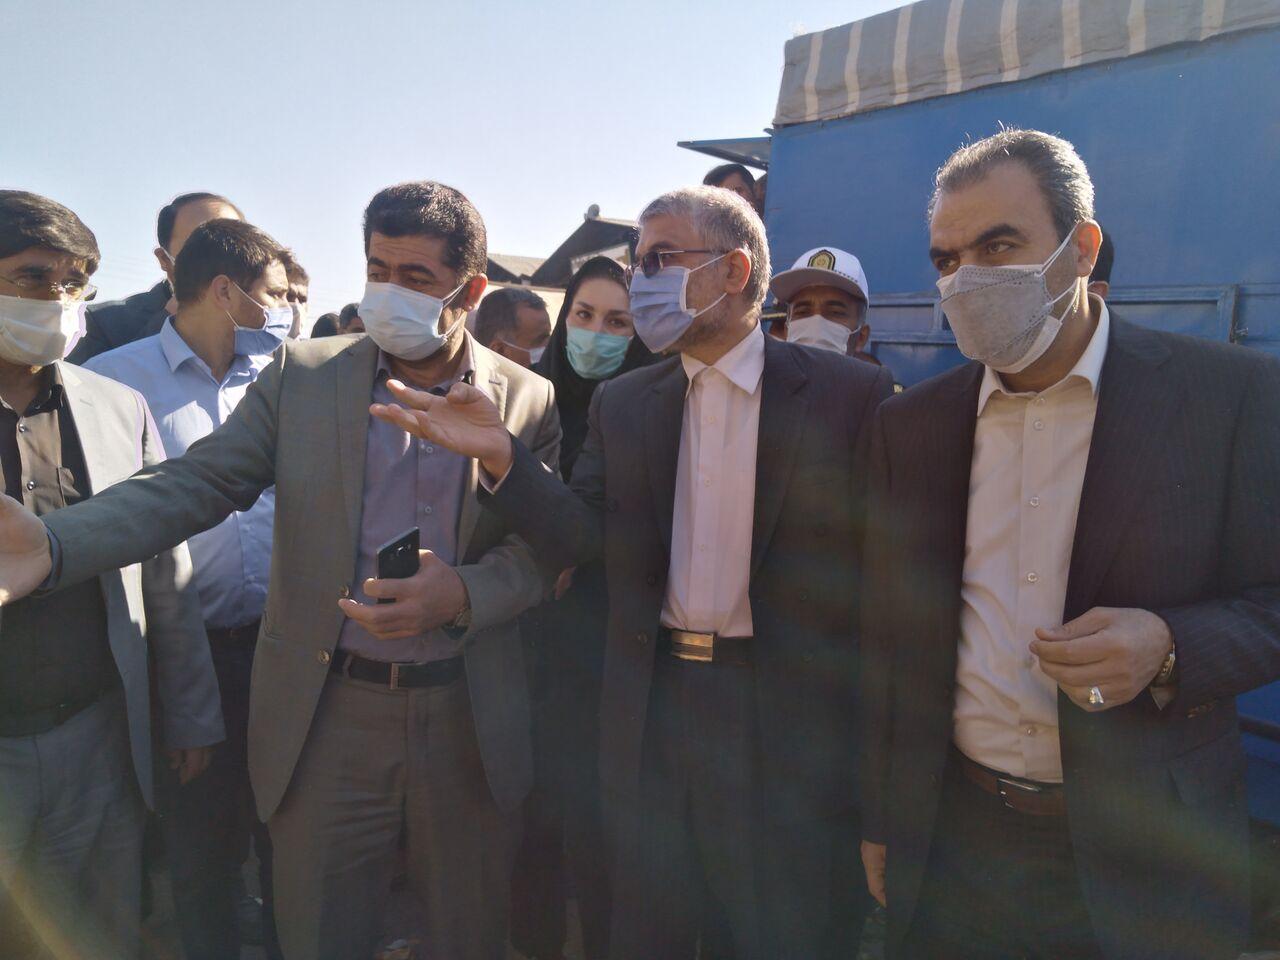 انتقاد دادستان همدان از بینظمی و هرجومرج میدان میوه و ترهبار همدان